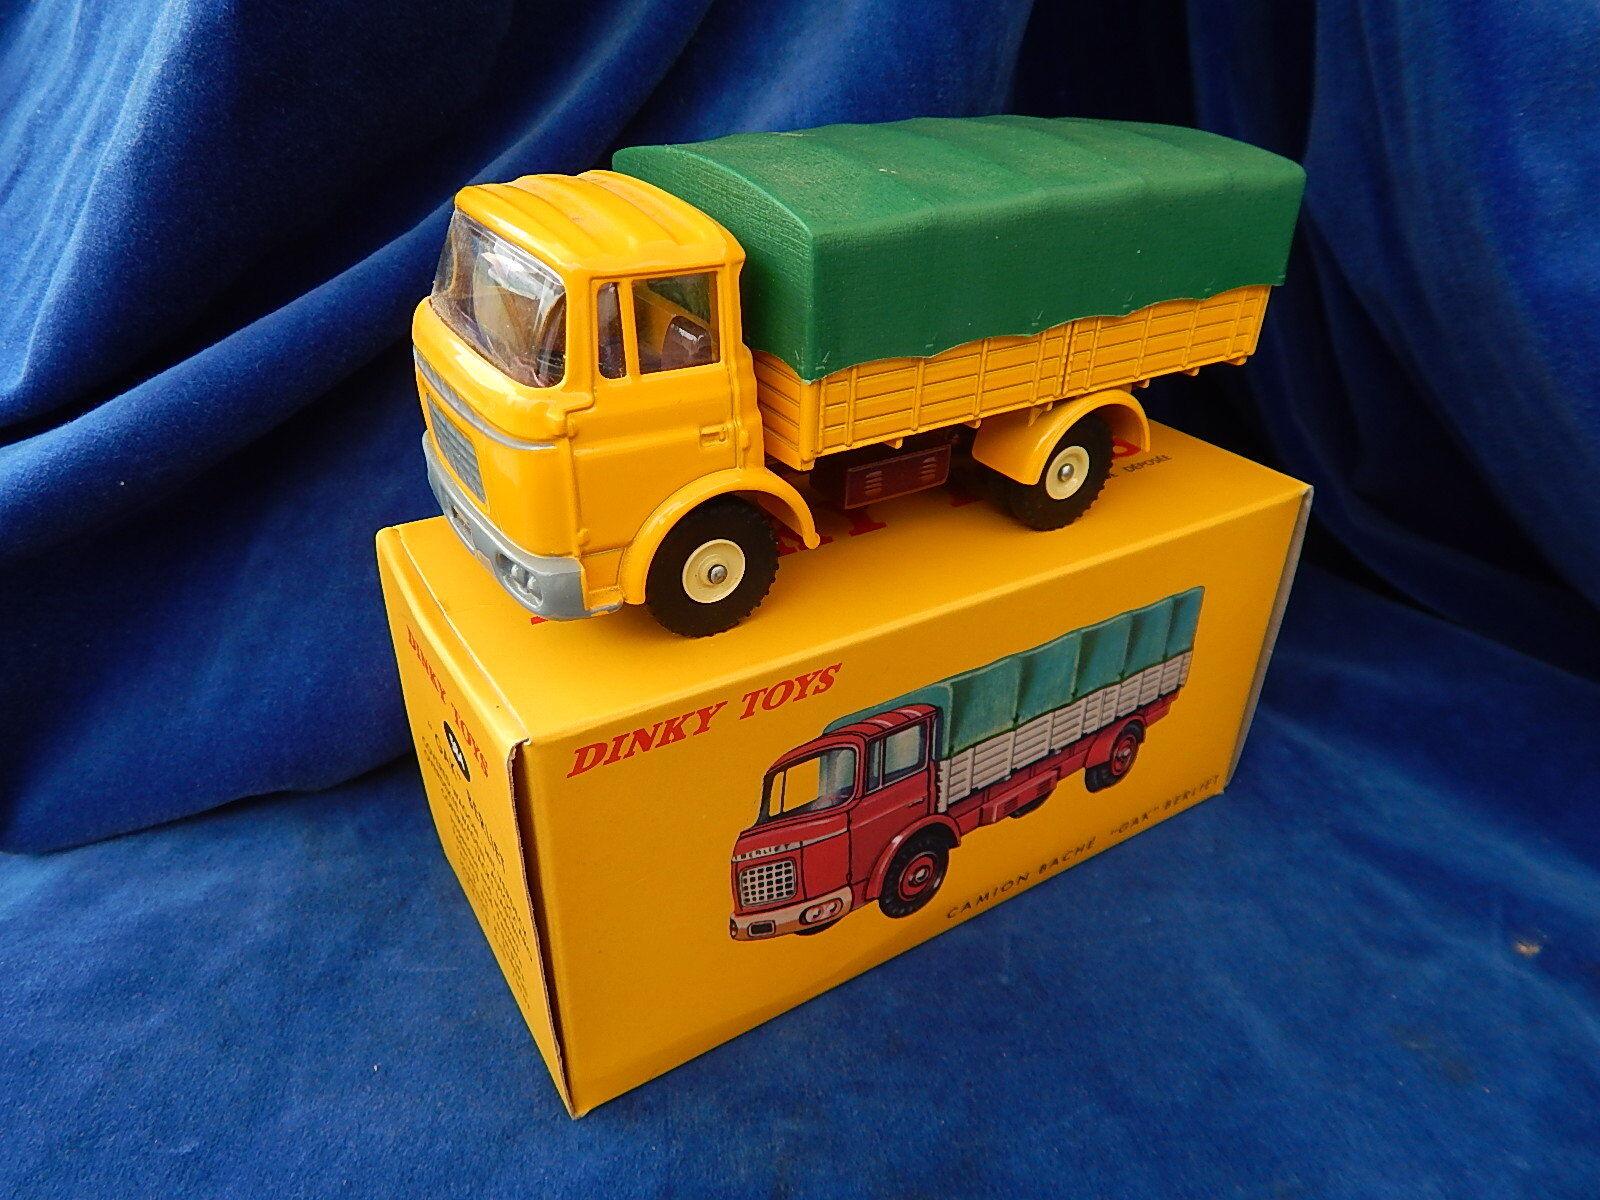 ATLAS - DINKY TOYS - CAMION   Truck - GAK BERLIET 584 - TOP